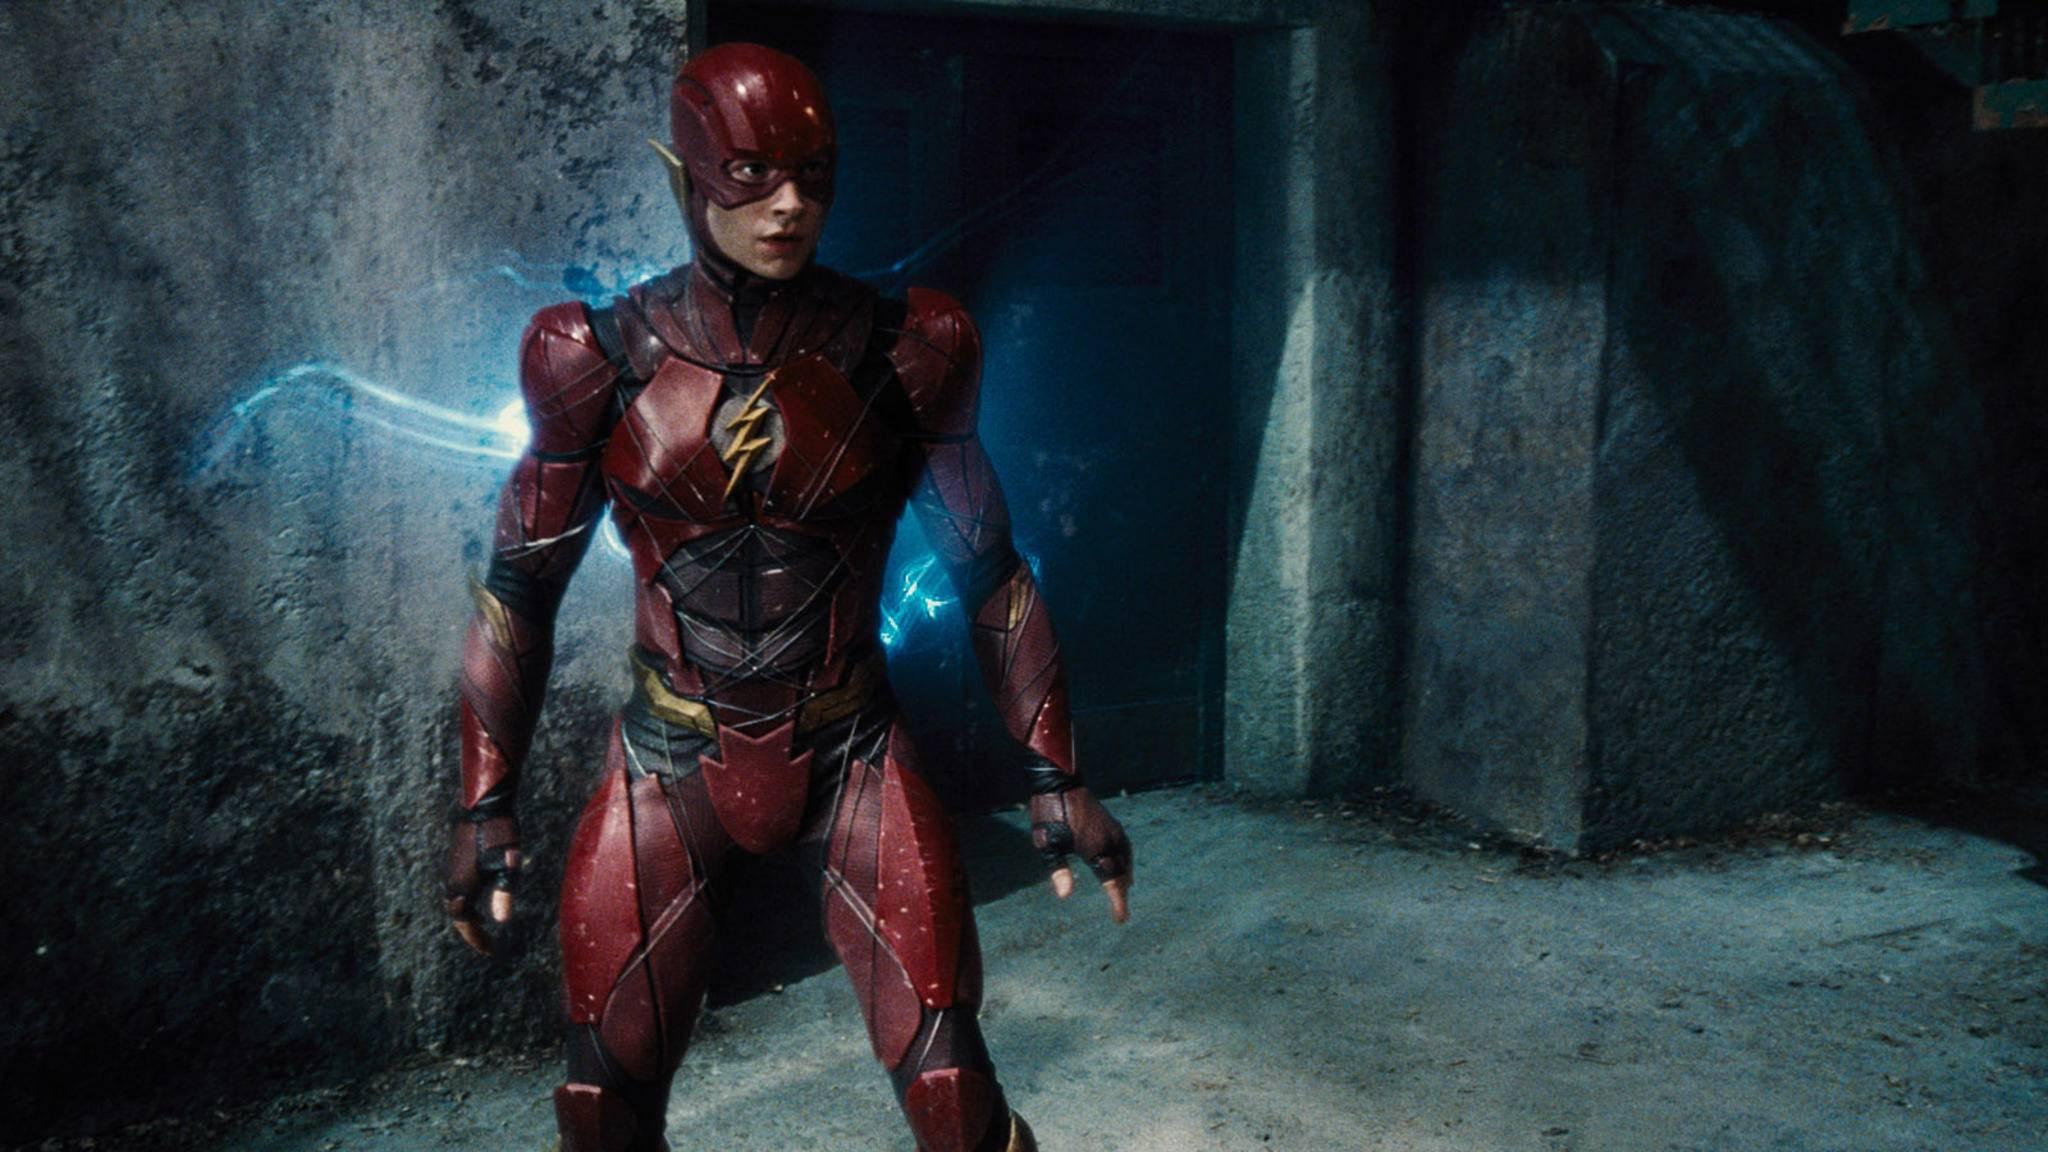 """Düster oder lustig? An der Ausrichtung von """"The Flash"""" scheiden sich aktuell die Geister."""